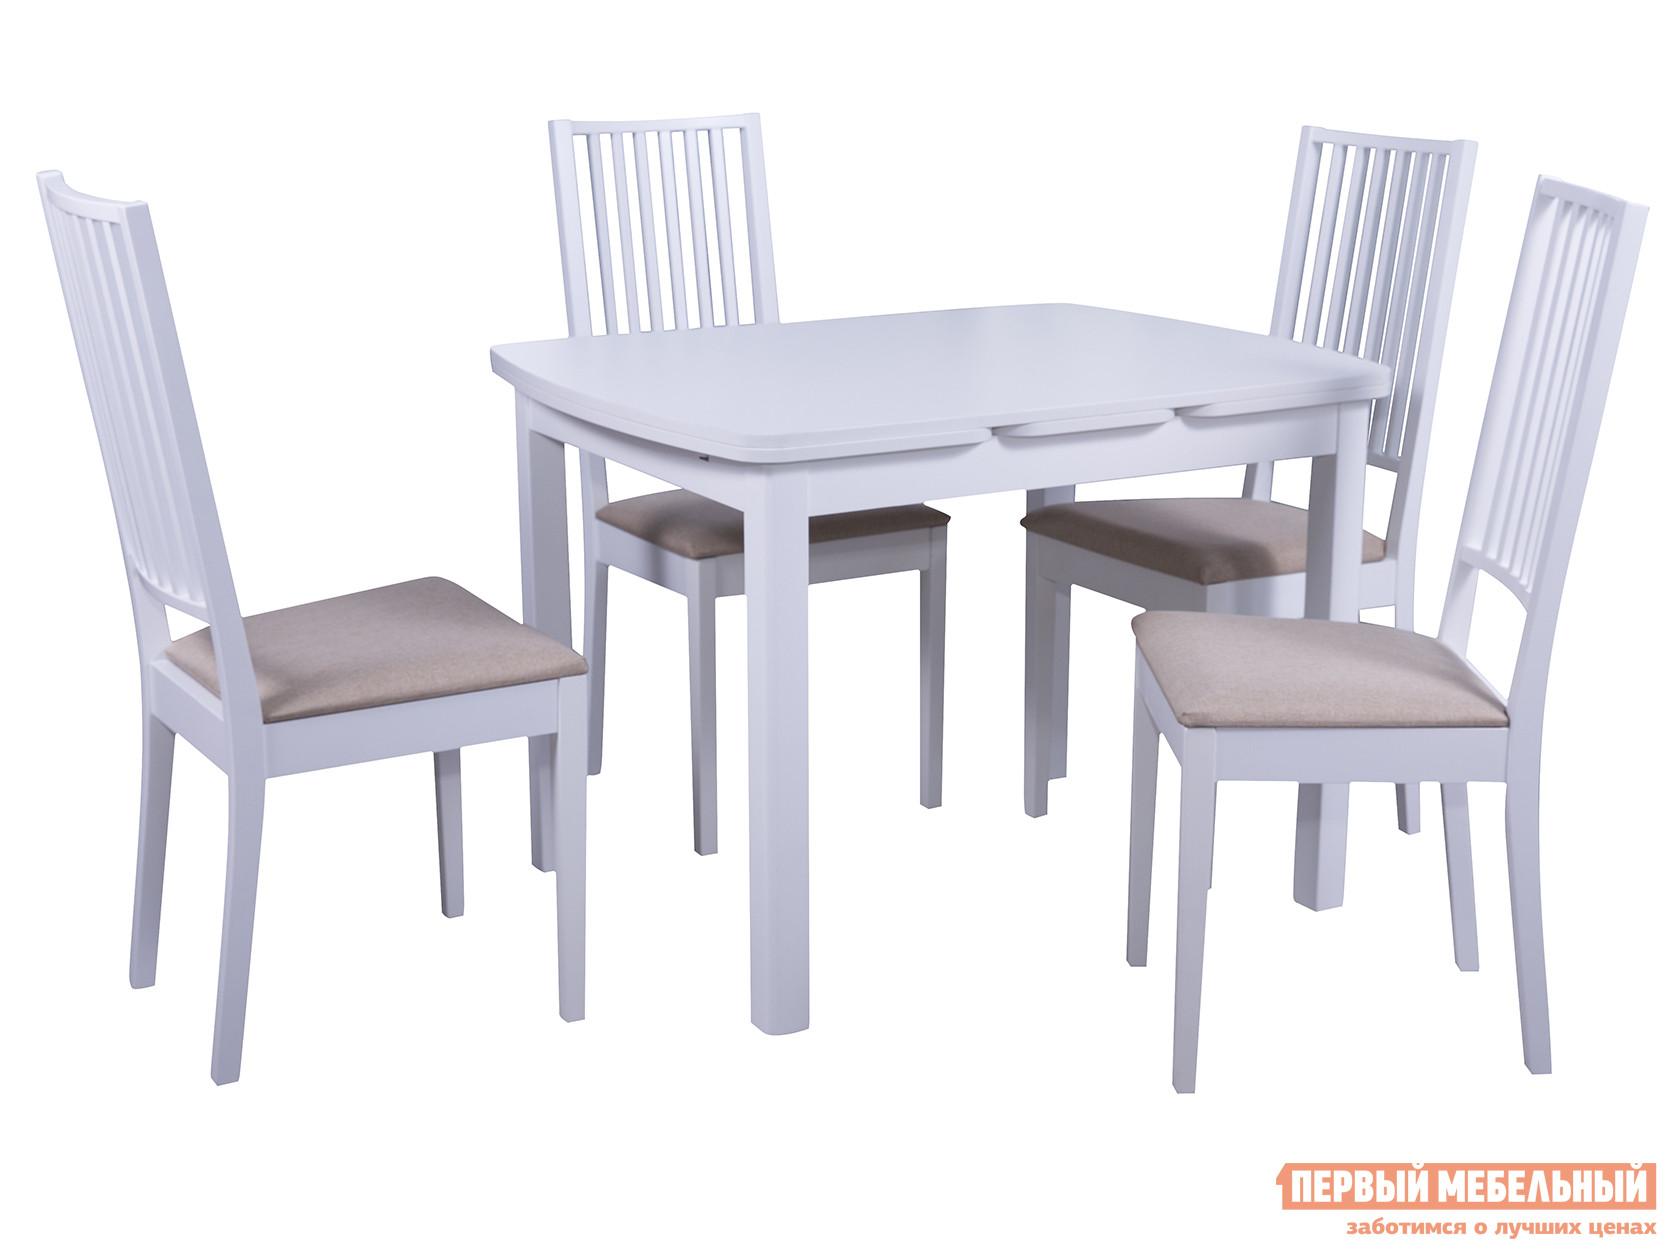 Обеденная группа для столовой и гостиной  Стол Орлеан + 4 стула Родос Белый / Ткань бежевая Мебвилл 91548